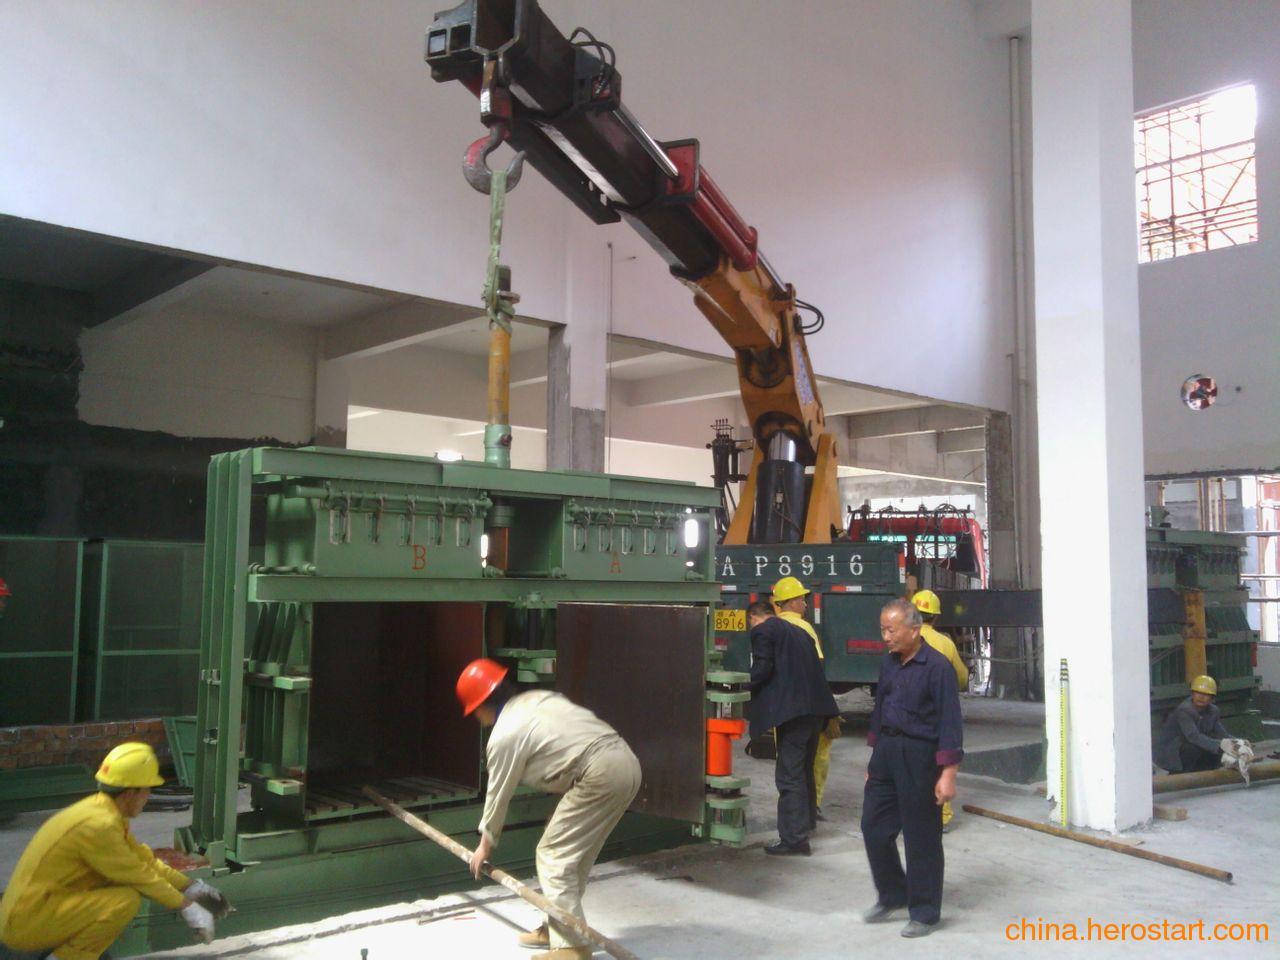 供应宁波大型设备吊装、设备搬运、工厂搬迁、设备安装拆装